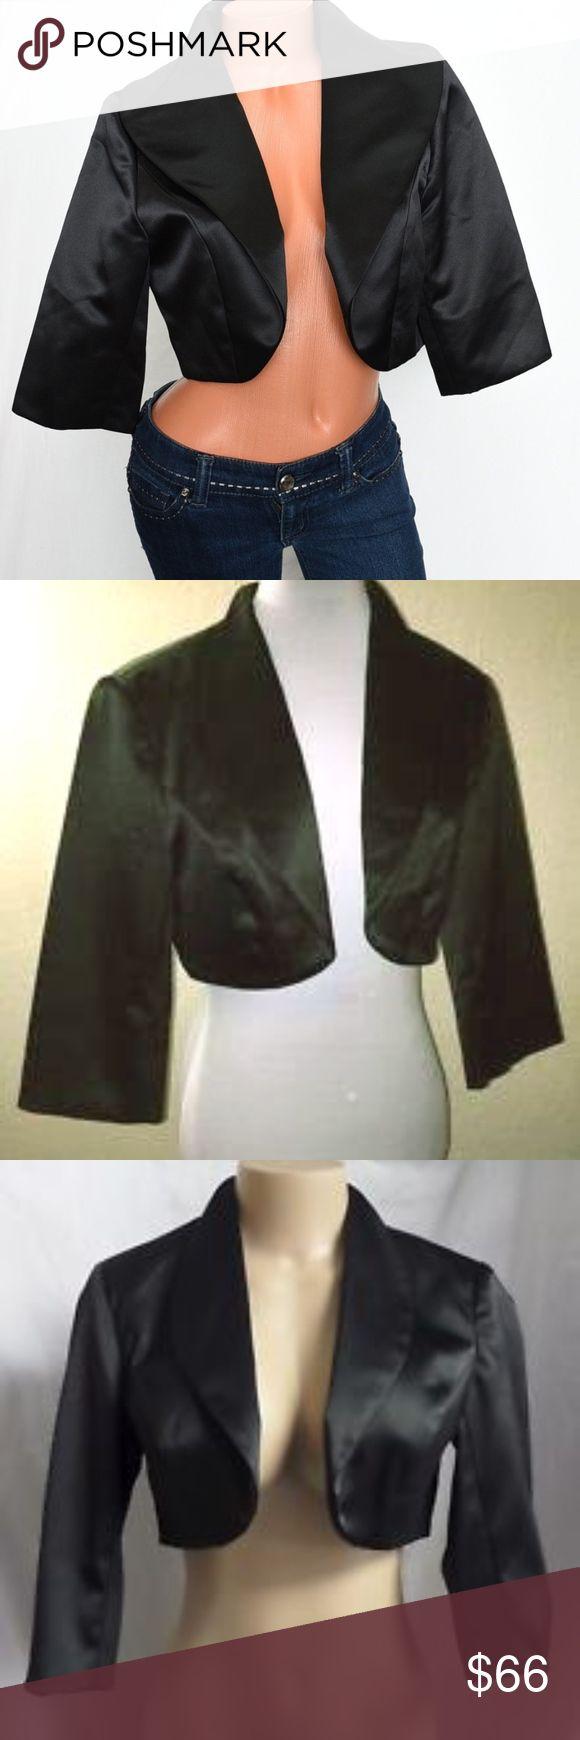 WHITE HOUSE BLACK MARKET Black Satin Bolero WHBM Satin Bolero Jacket in Black   Basic Staple- Goes with everything, Jeans, slacks, dresses and shirts   New item White House Black Market Jackets & Coats